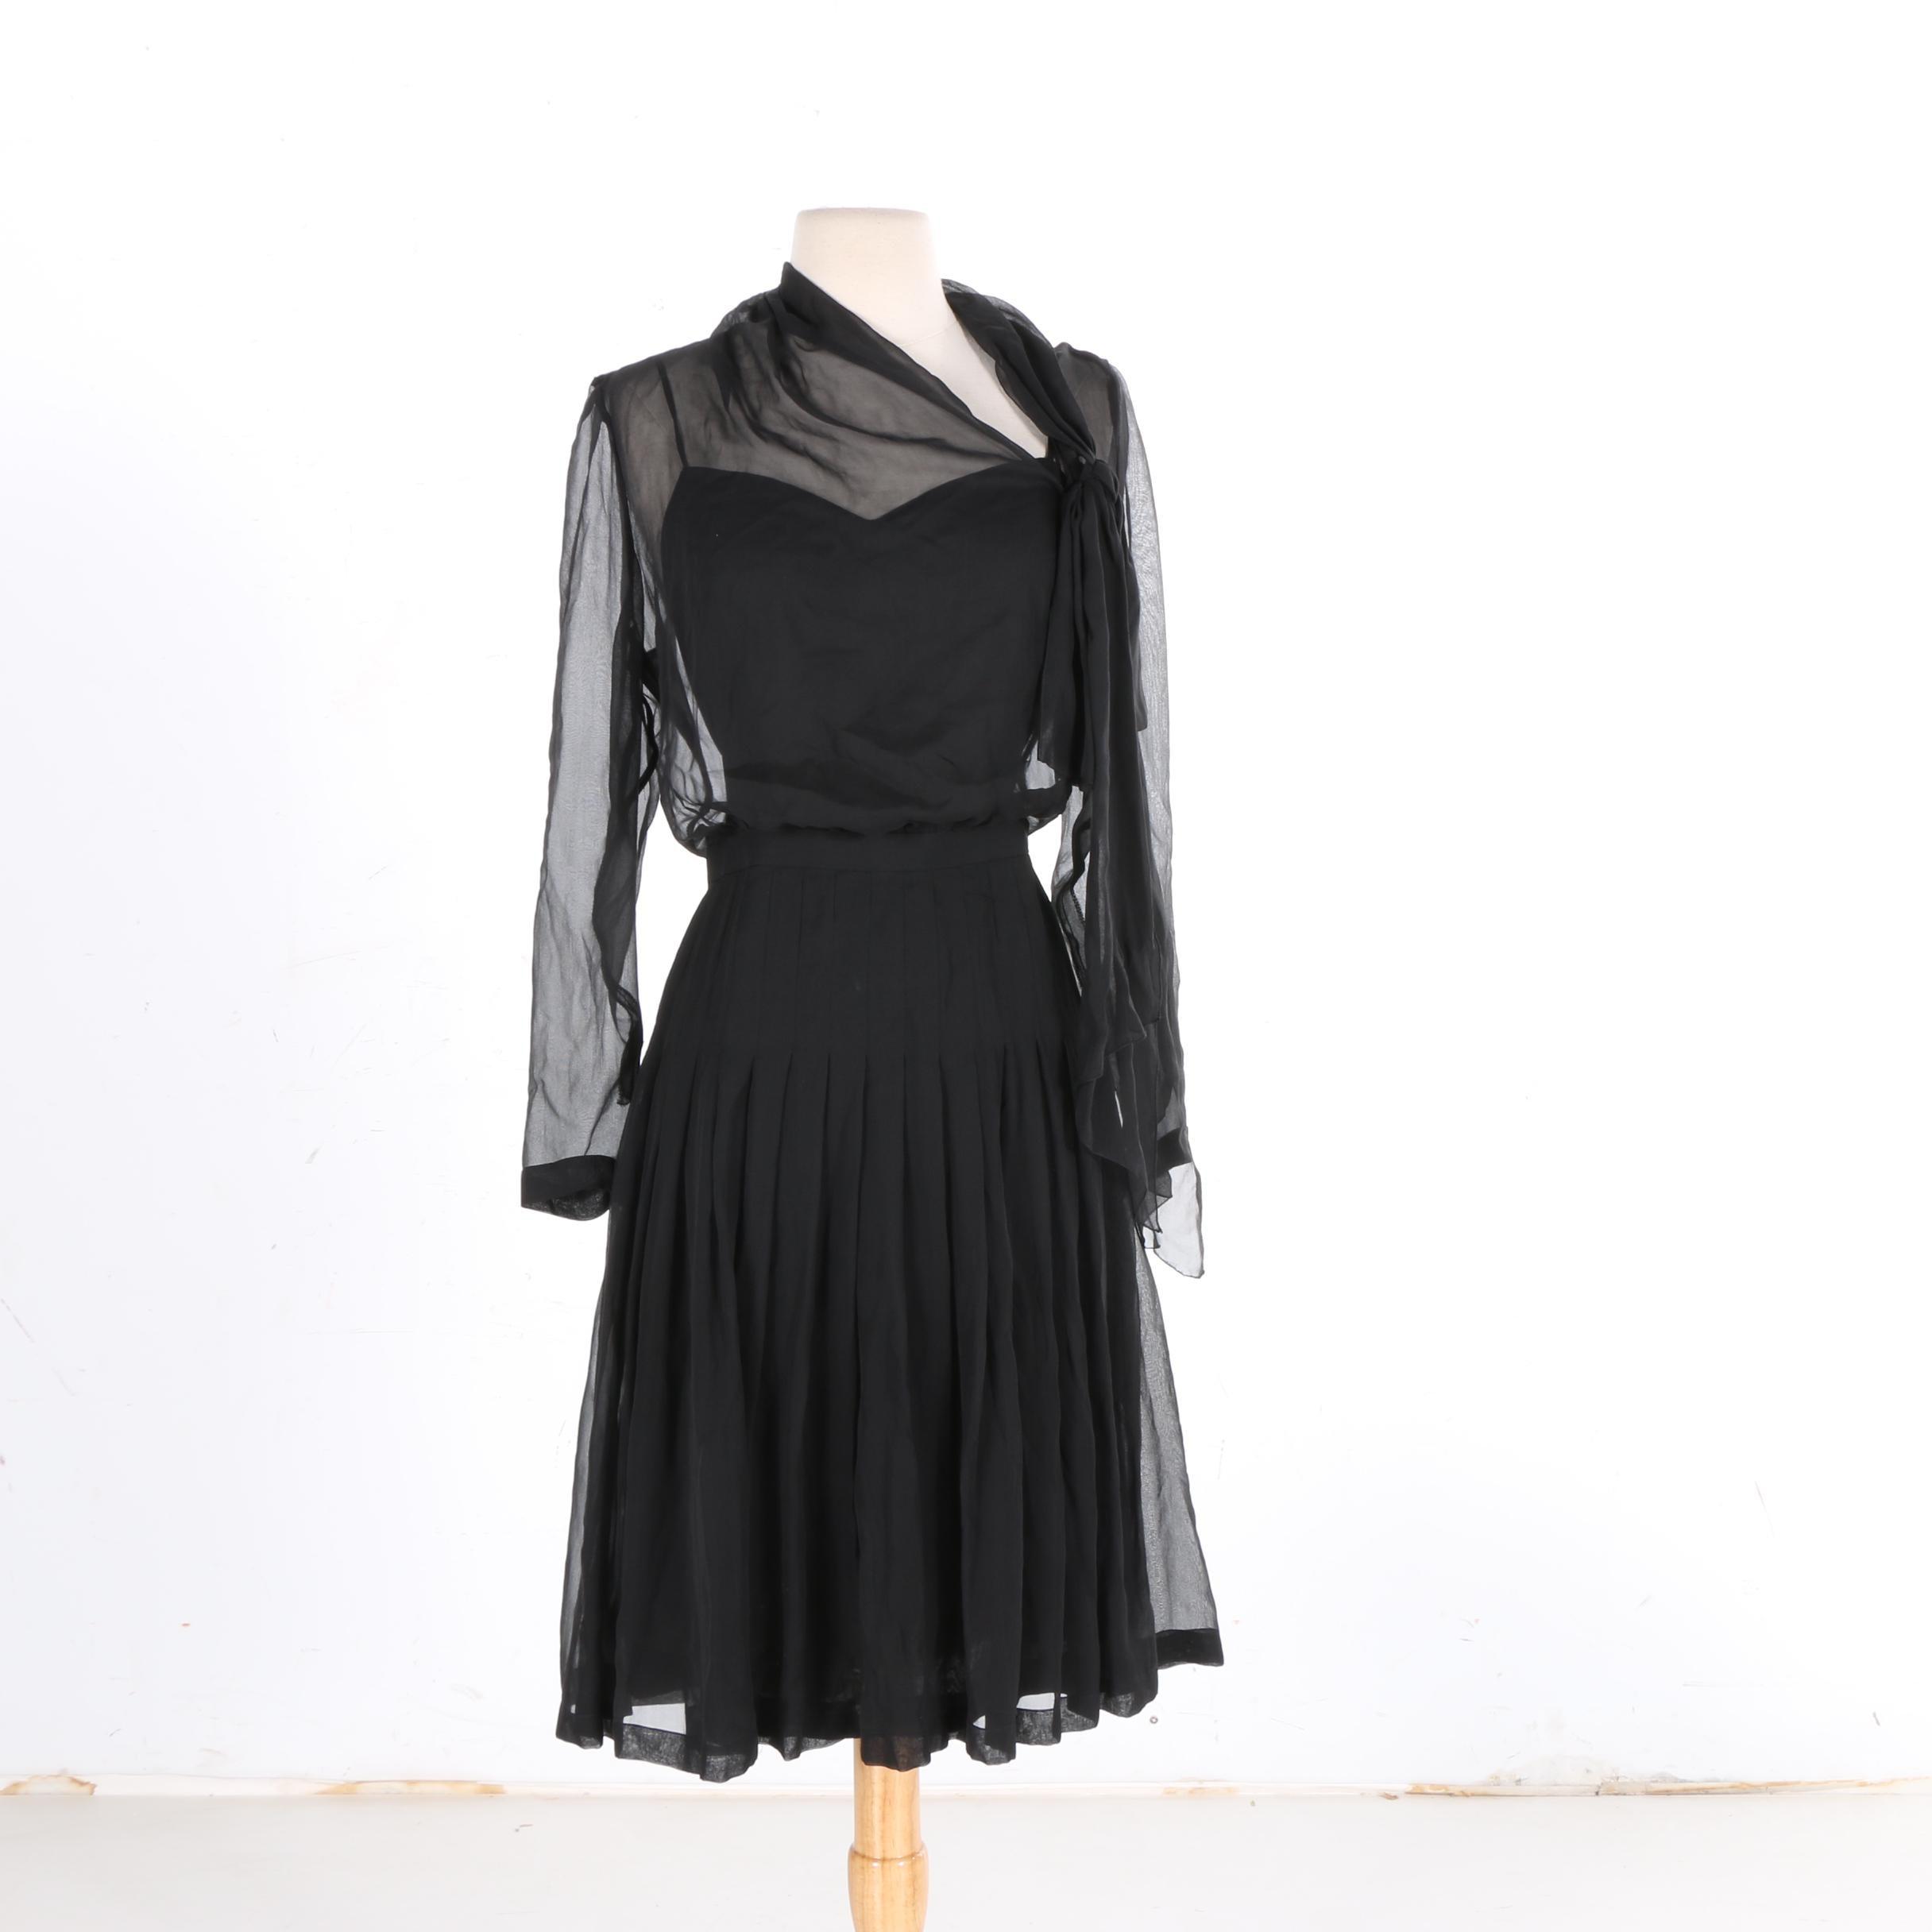 Chanel Boutique Black Silk Crepe Illusion Dress